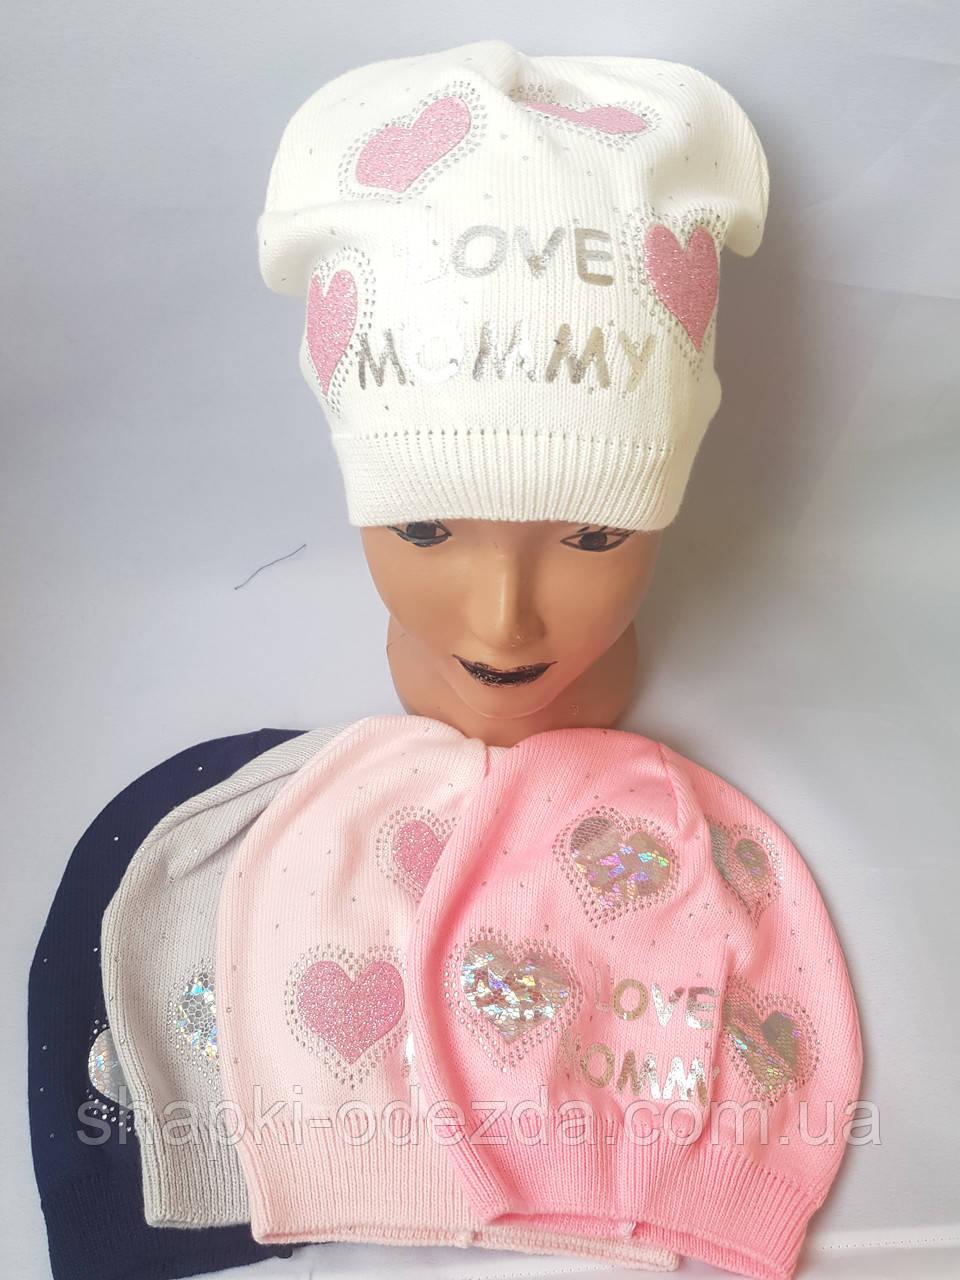 Детская вязаная шапка для девочки Польша р 48-50 оптом